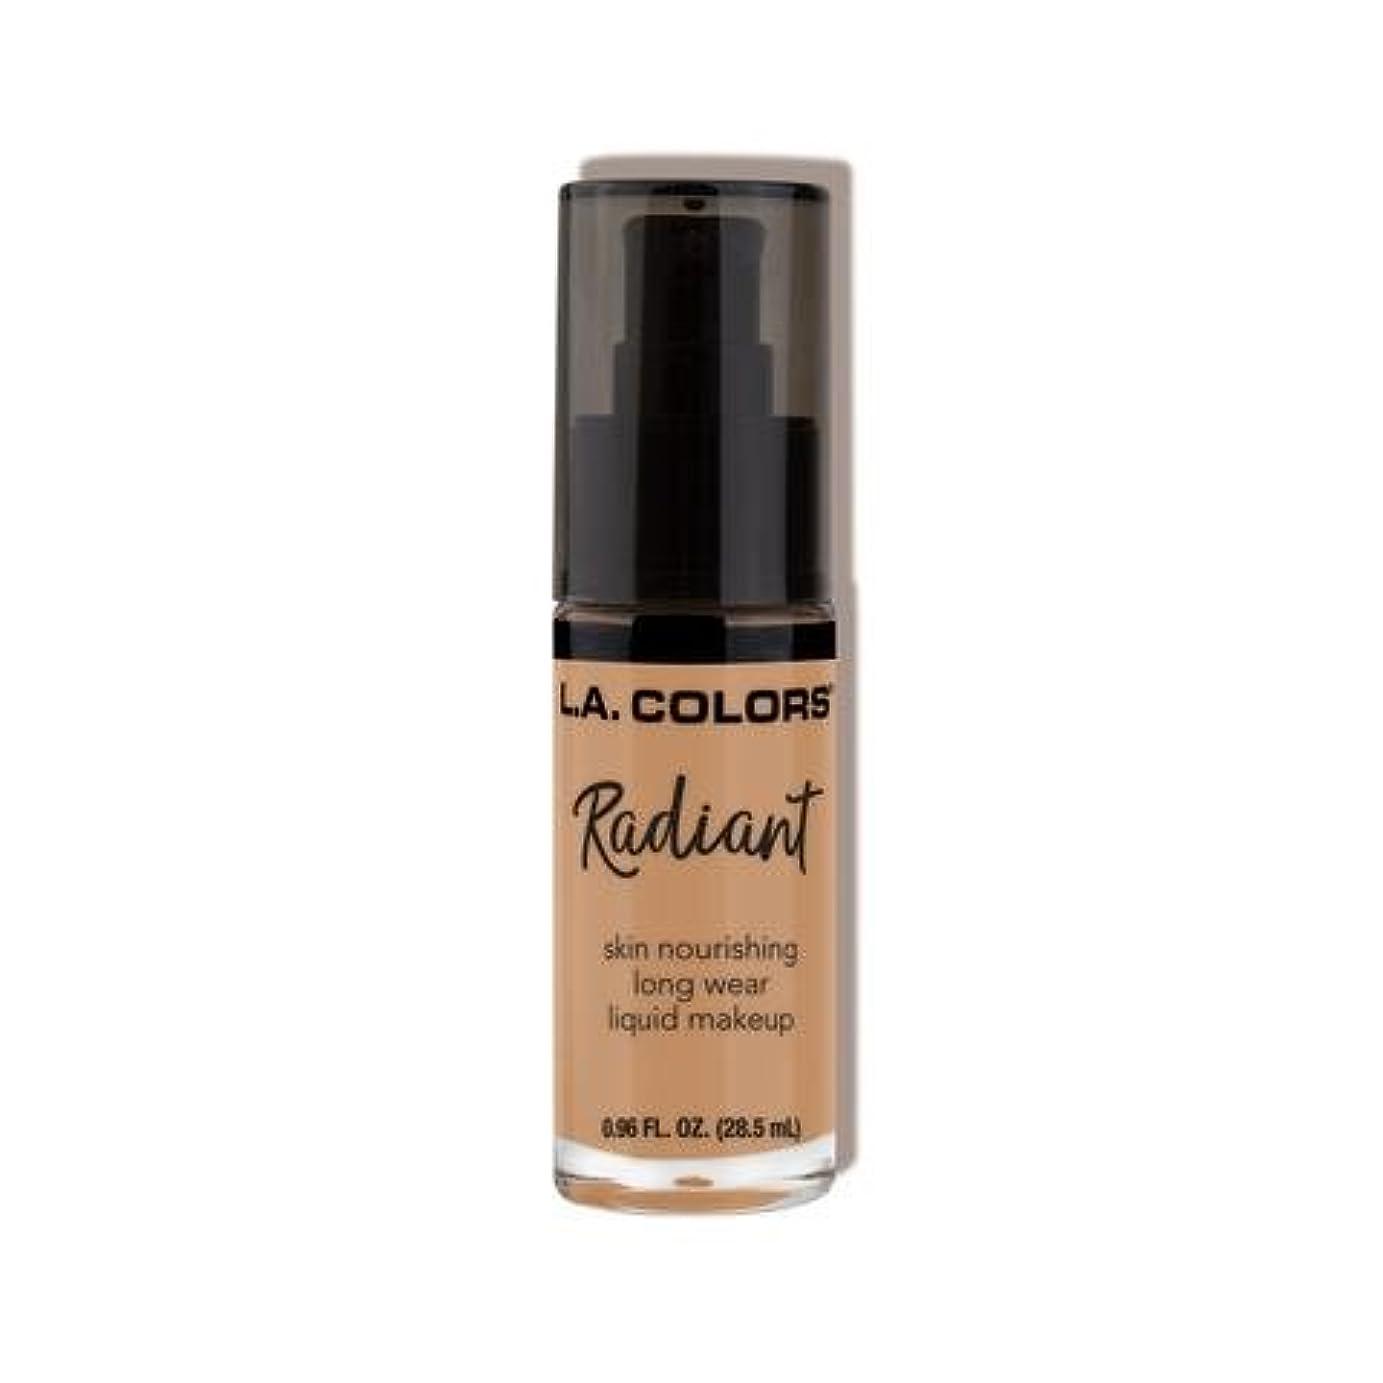 破裂アシュリータファーマン公平な(3 Pack) L.A. COLORS Radiant Liquid Makeup - Suede (並行輸入品)